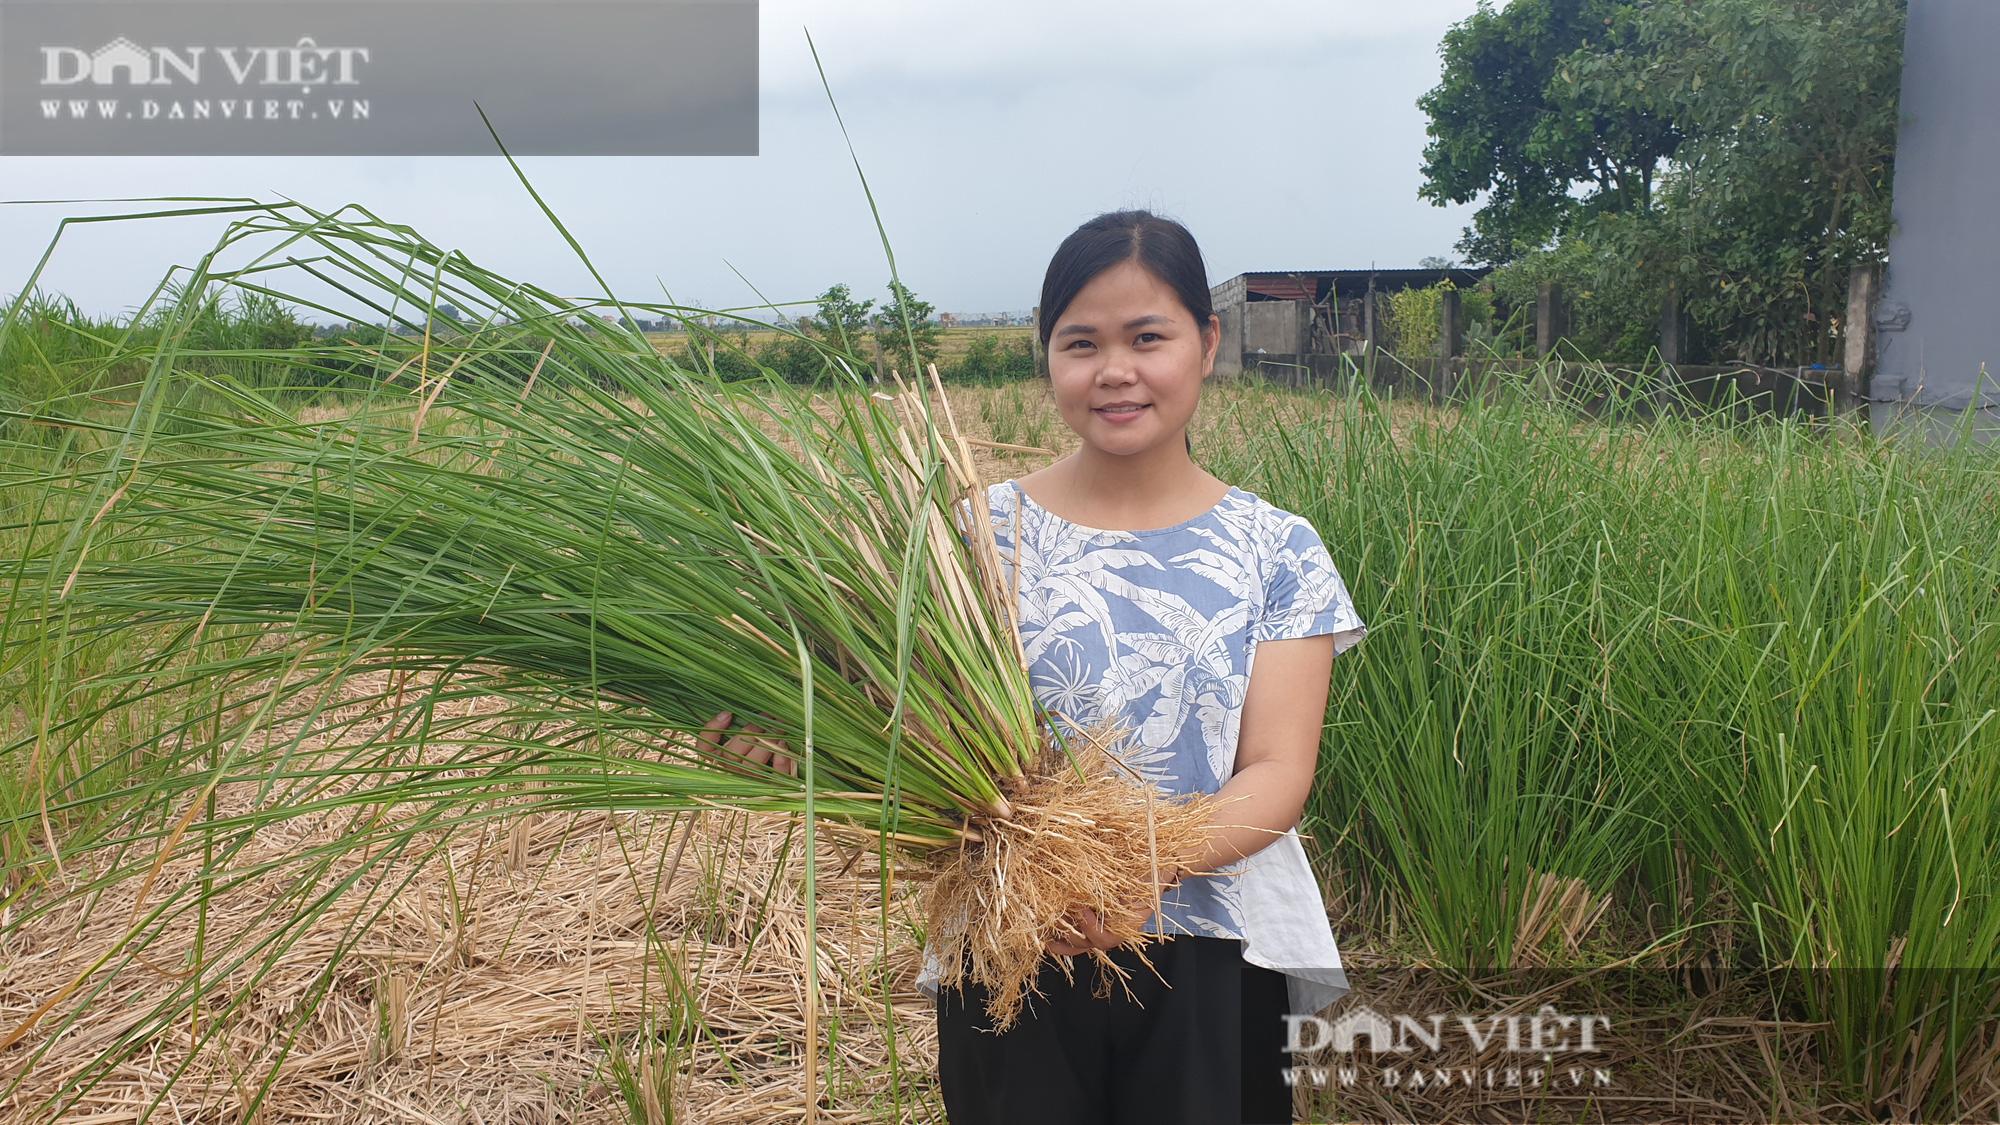 Ninh Bình: Bỏ việc lương cao về quê trồng loại cỏ lạ, cô gái 9x có thu nhập khủng - Ảnh 5.